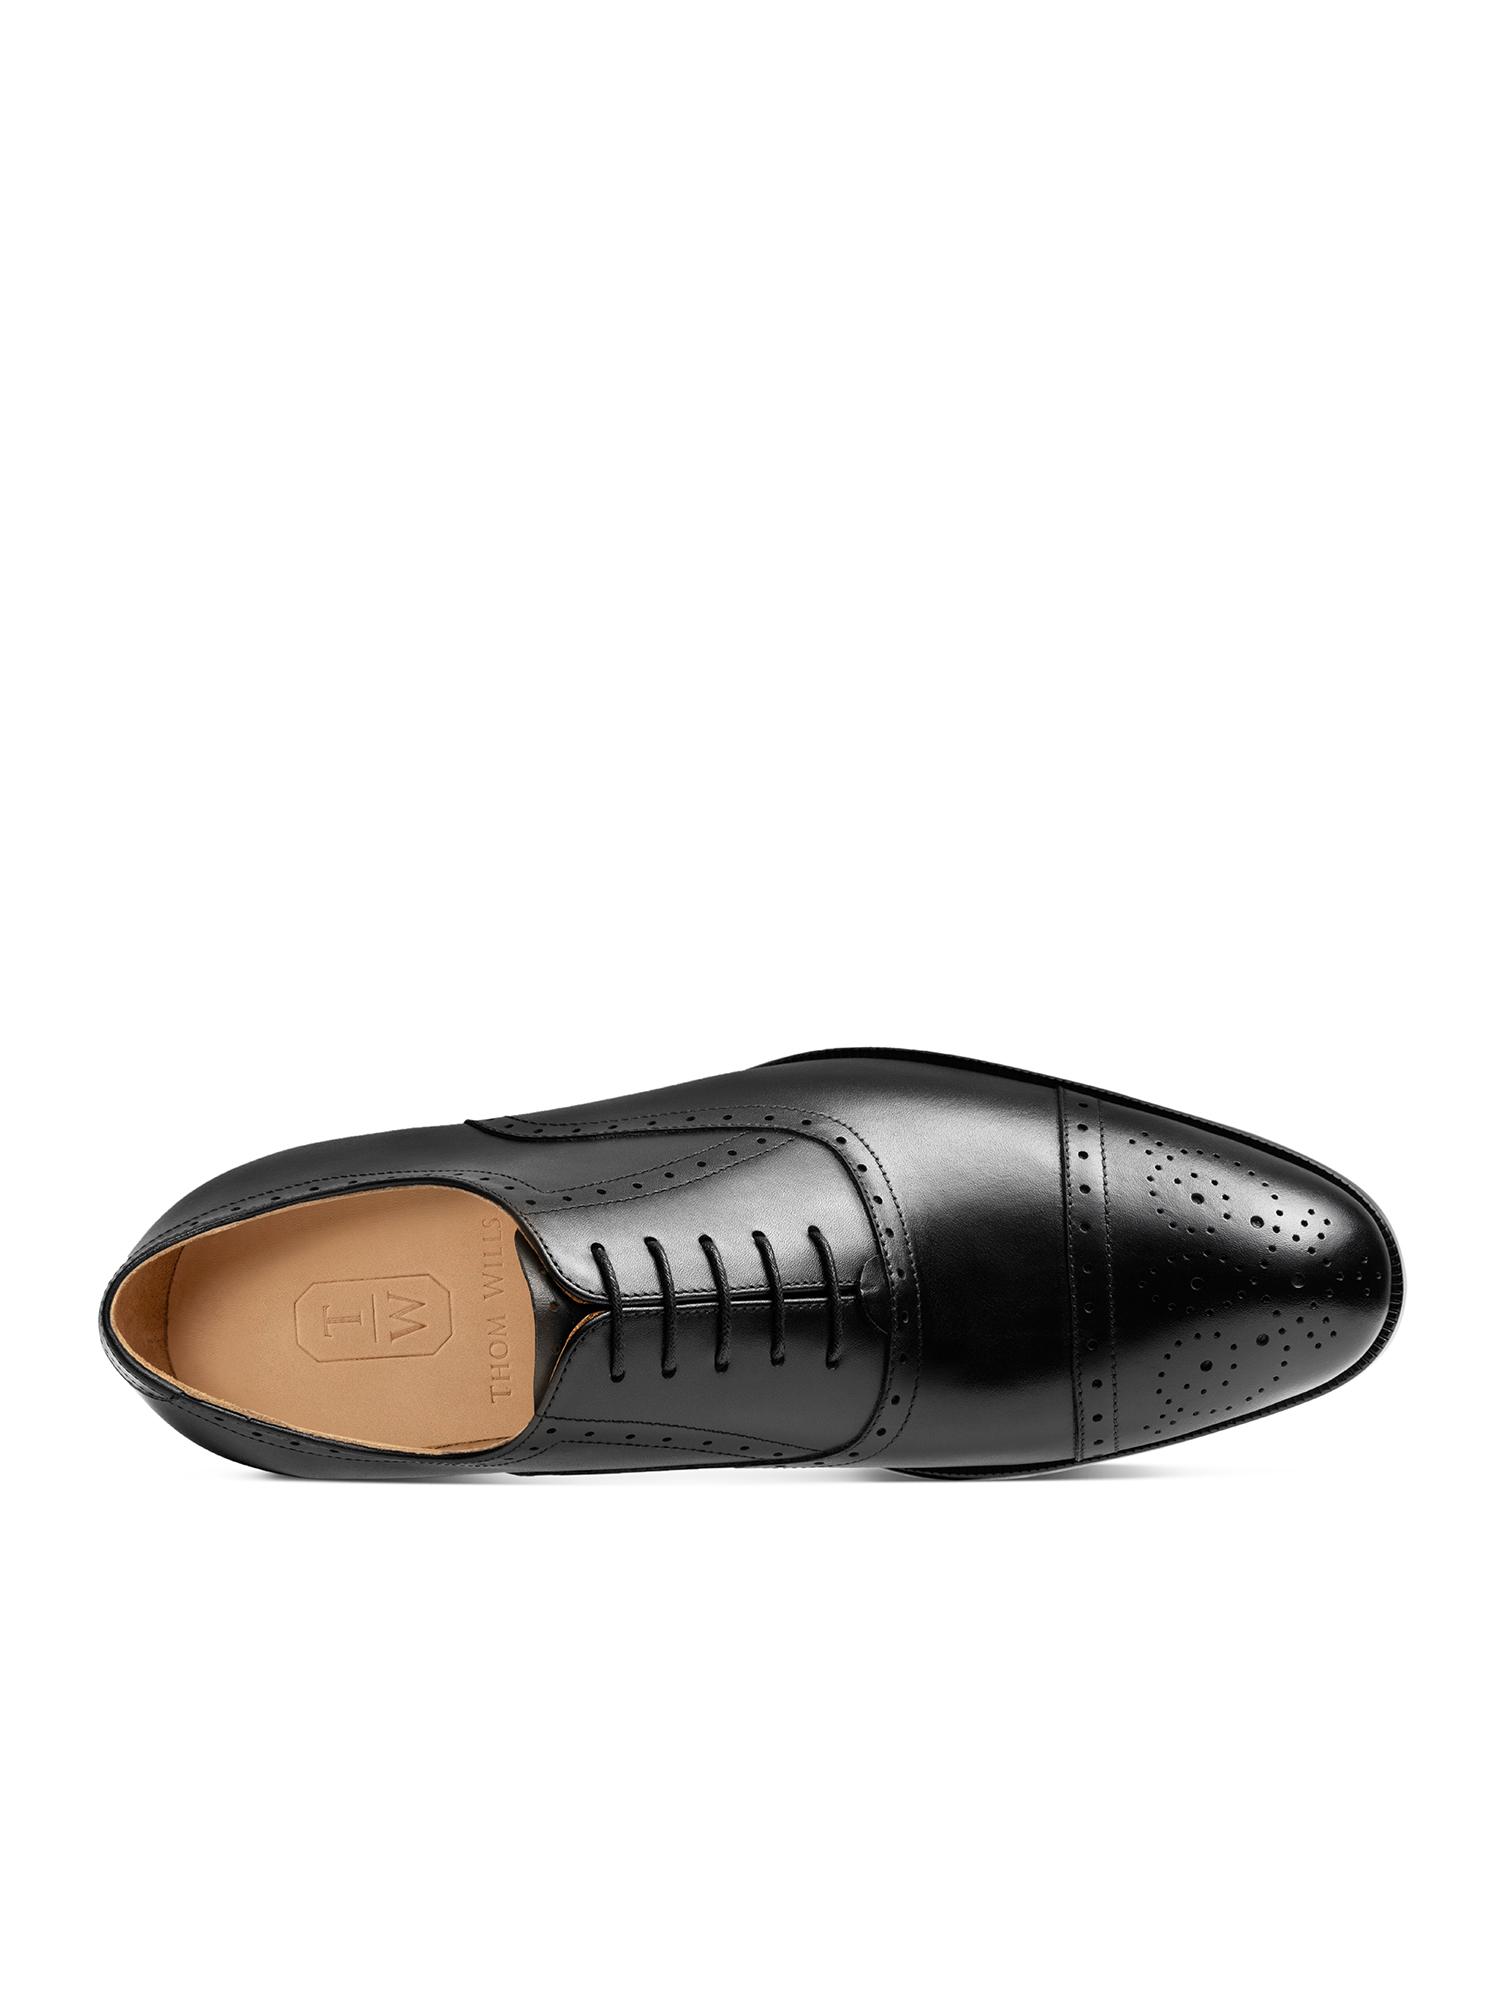 正品ThomWills男鞋布洛克雕花皮鞋男商务正装手工英伦牛津鞋